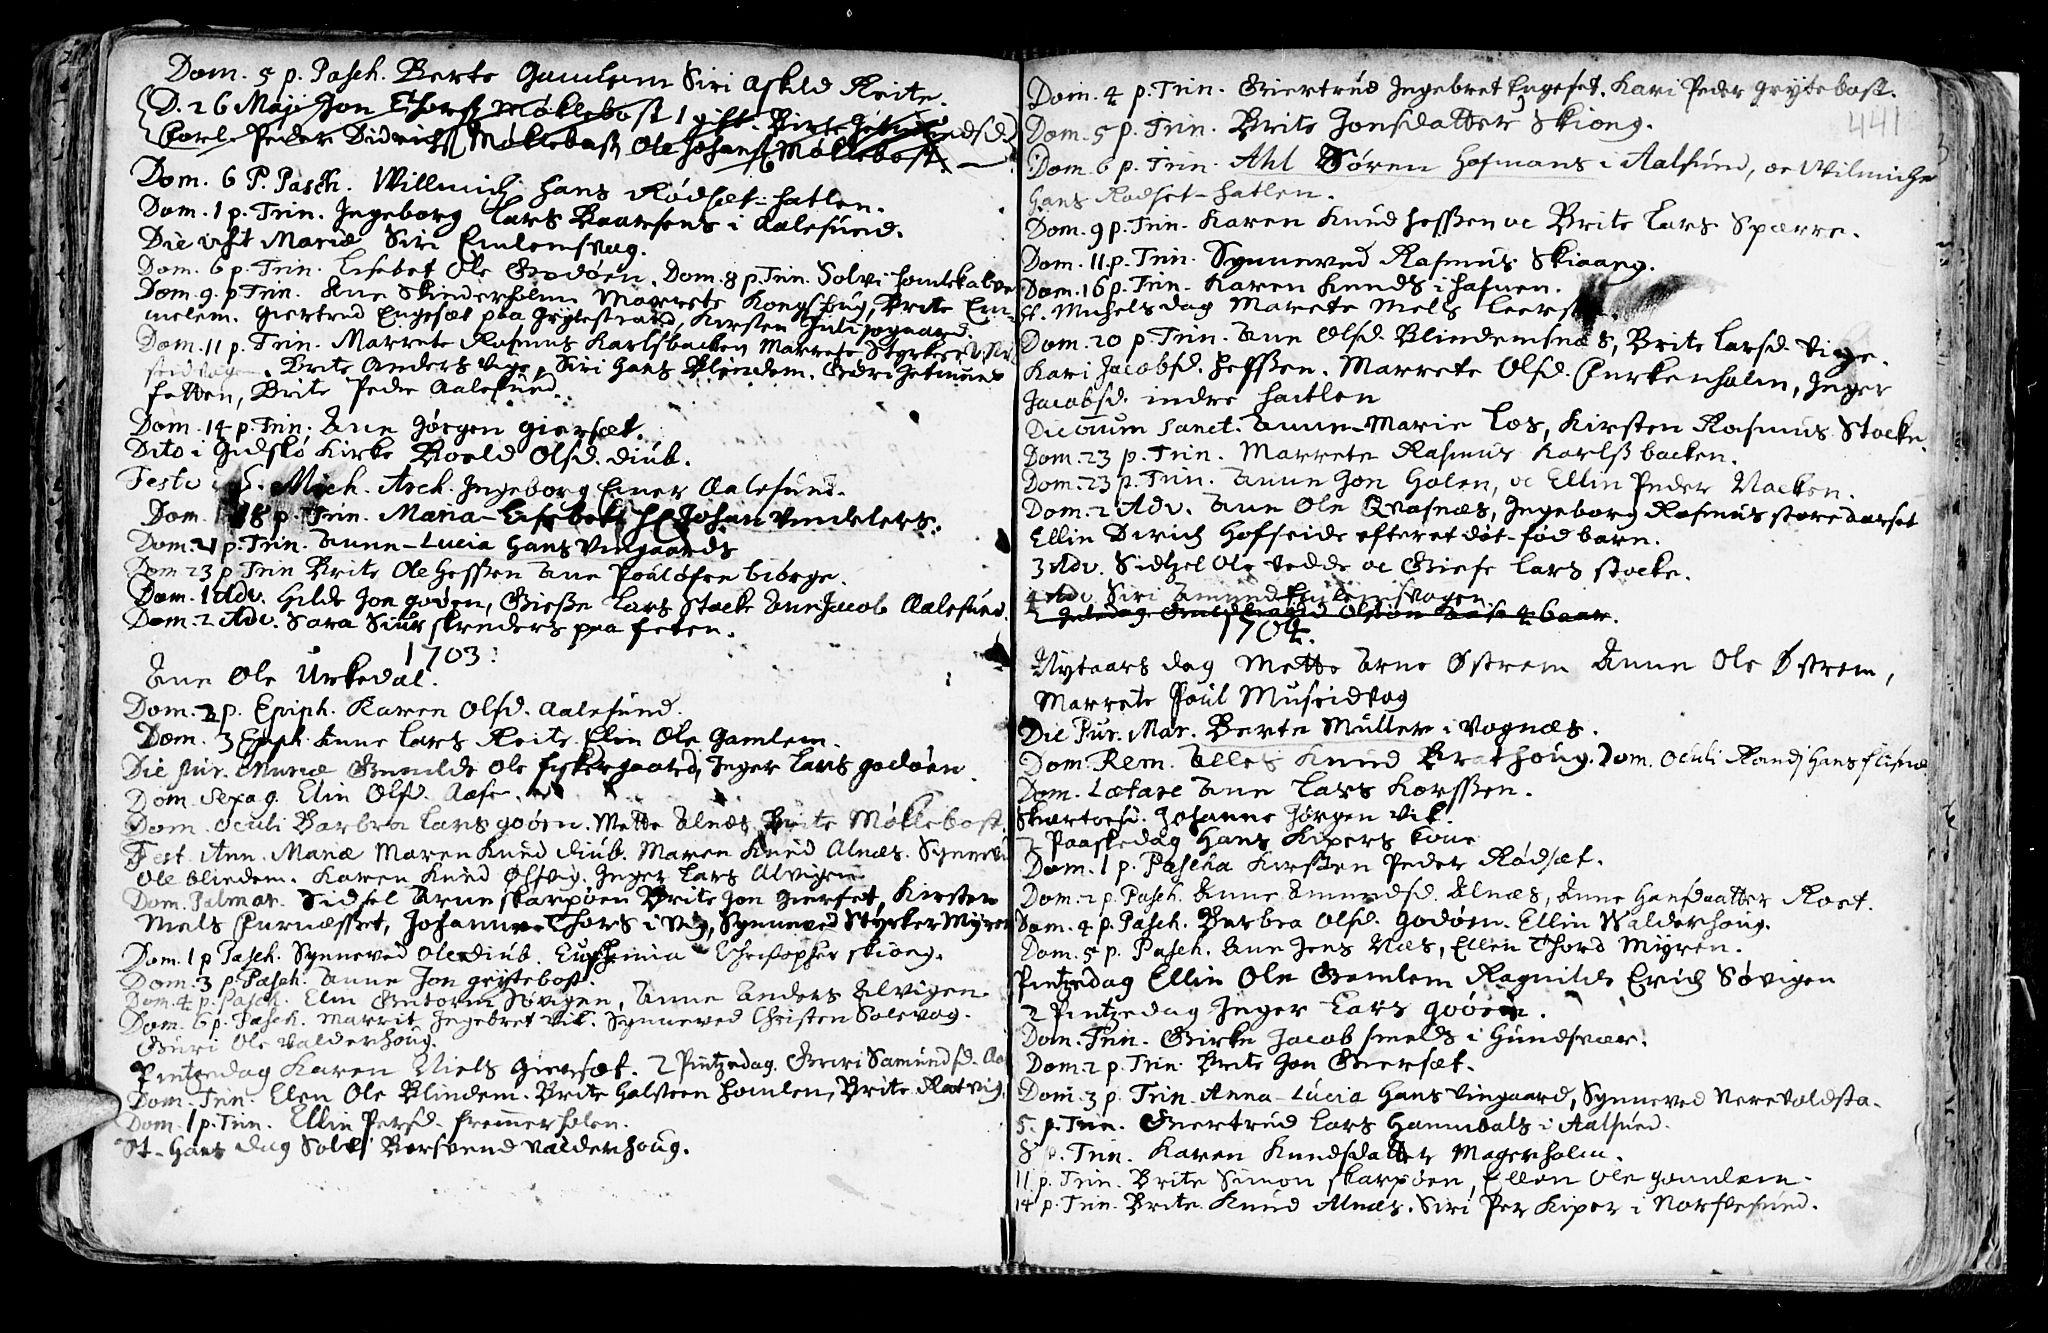 SAT, Ministerialprotokoller, klokkerbøker og fødselsregistre - Møre og Romsdal, 528/L0390: Ministerialbok nr. 528A01, 1698-1739, s. 440-441